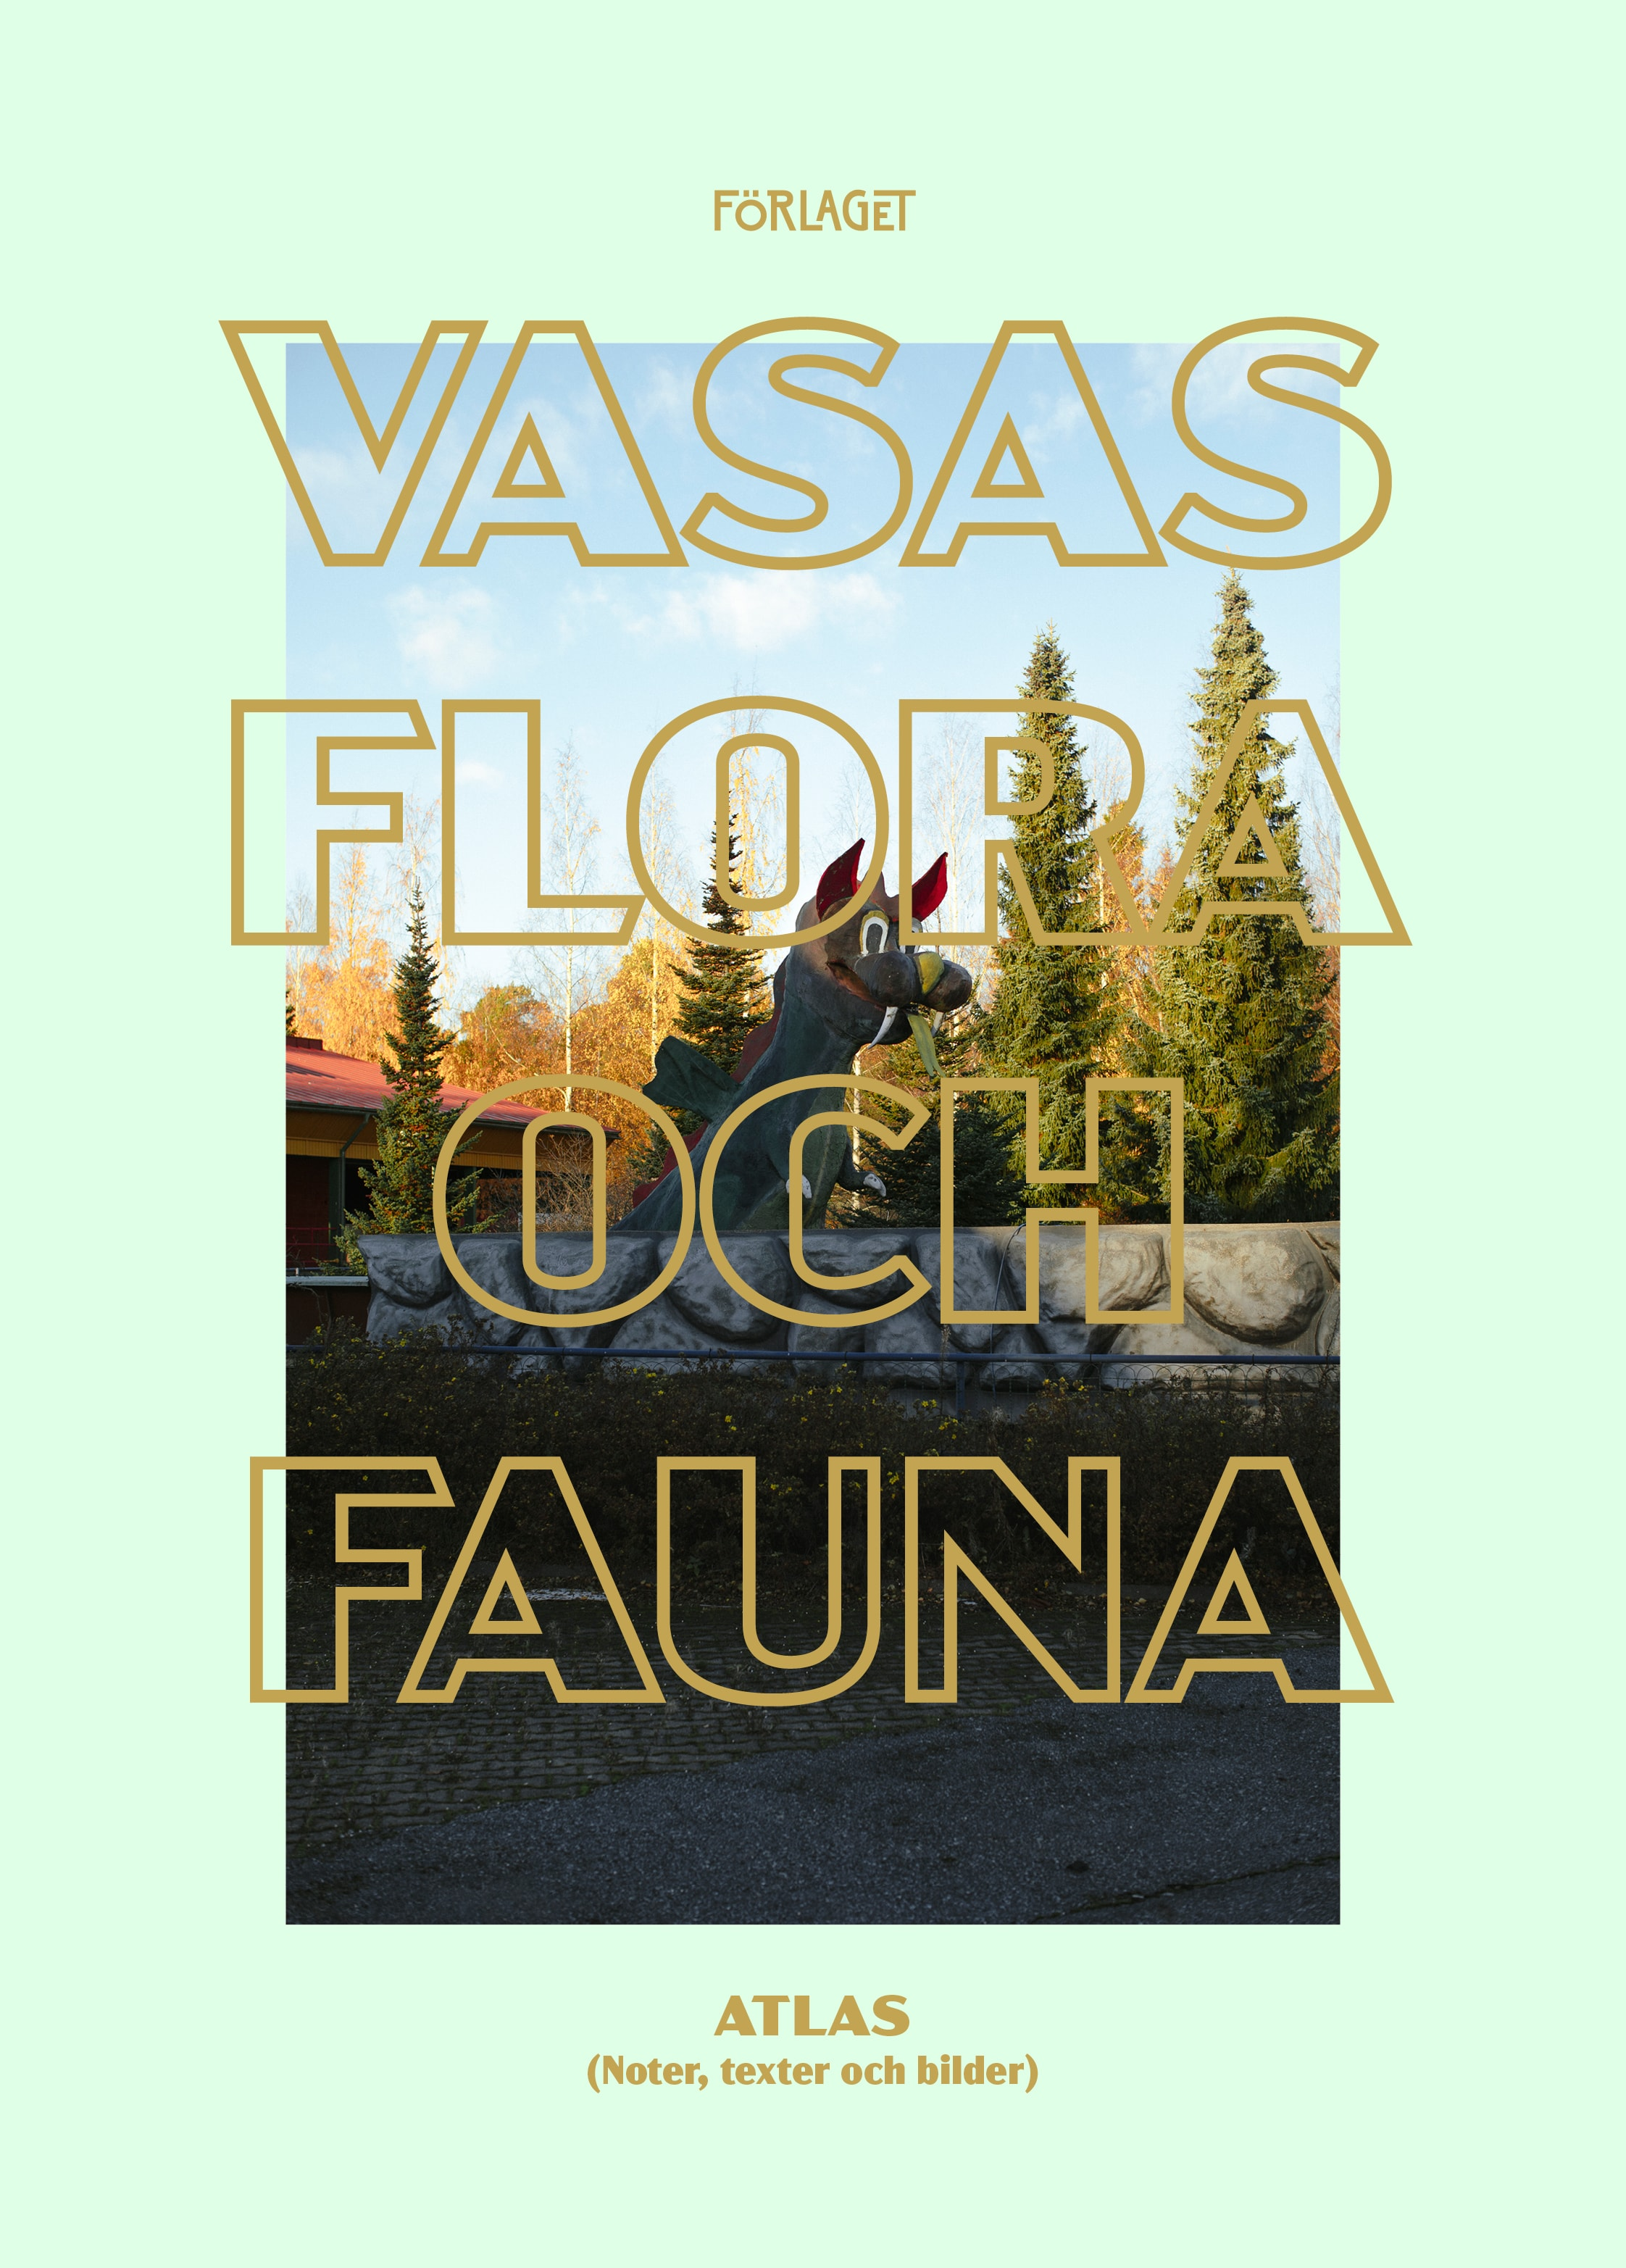 https://hestagentur.no/thomas-ekstrom/vasas-flora-och-fauna-atlas/